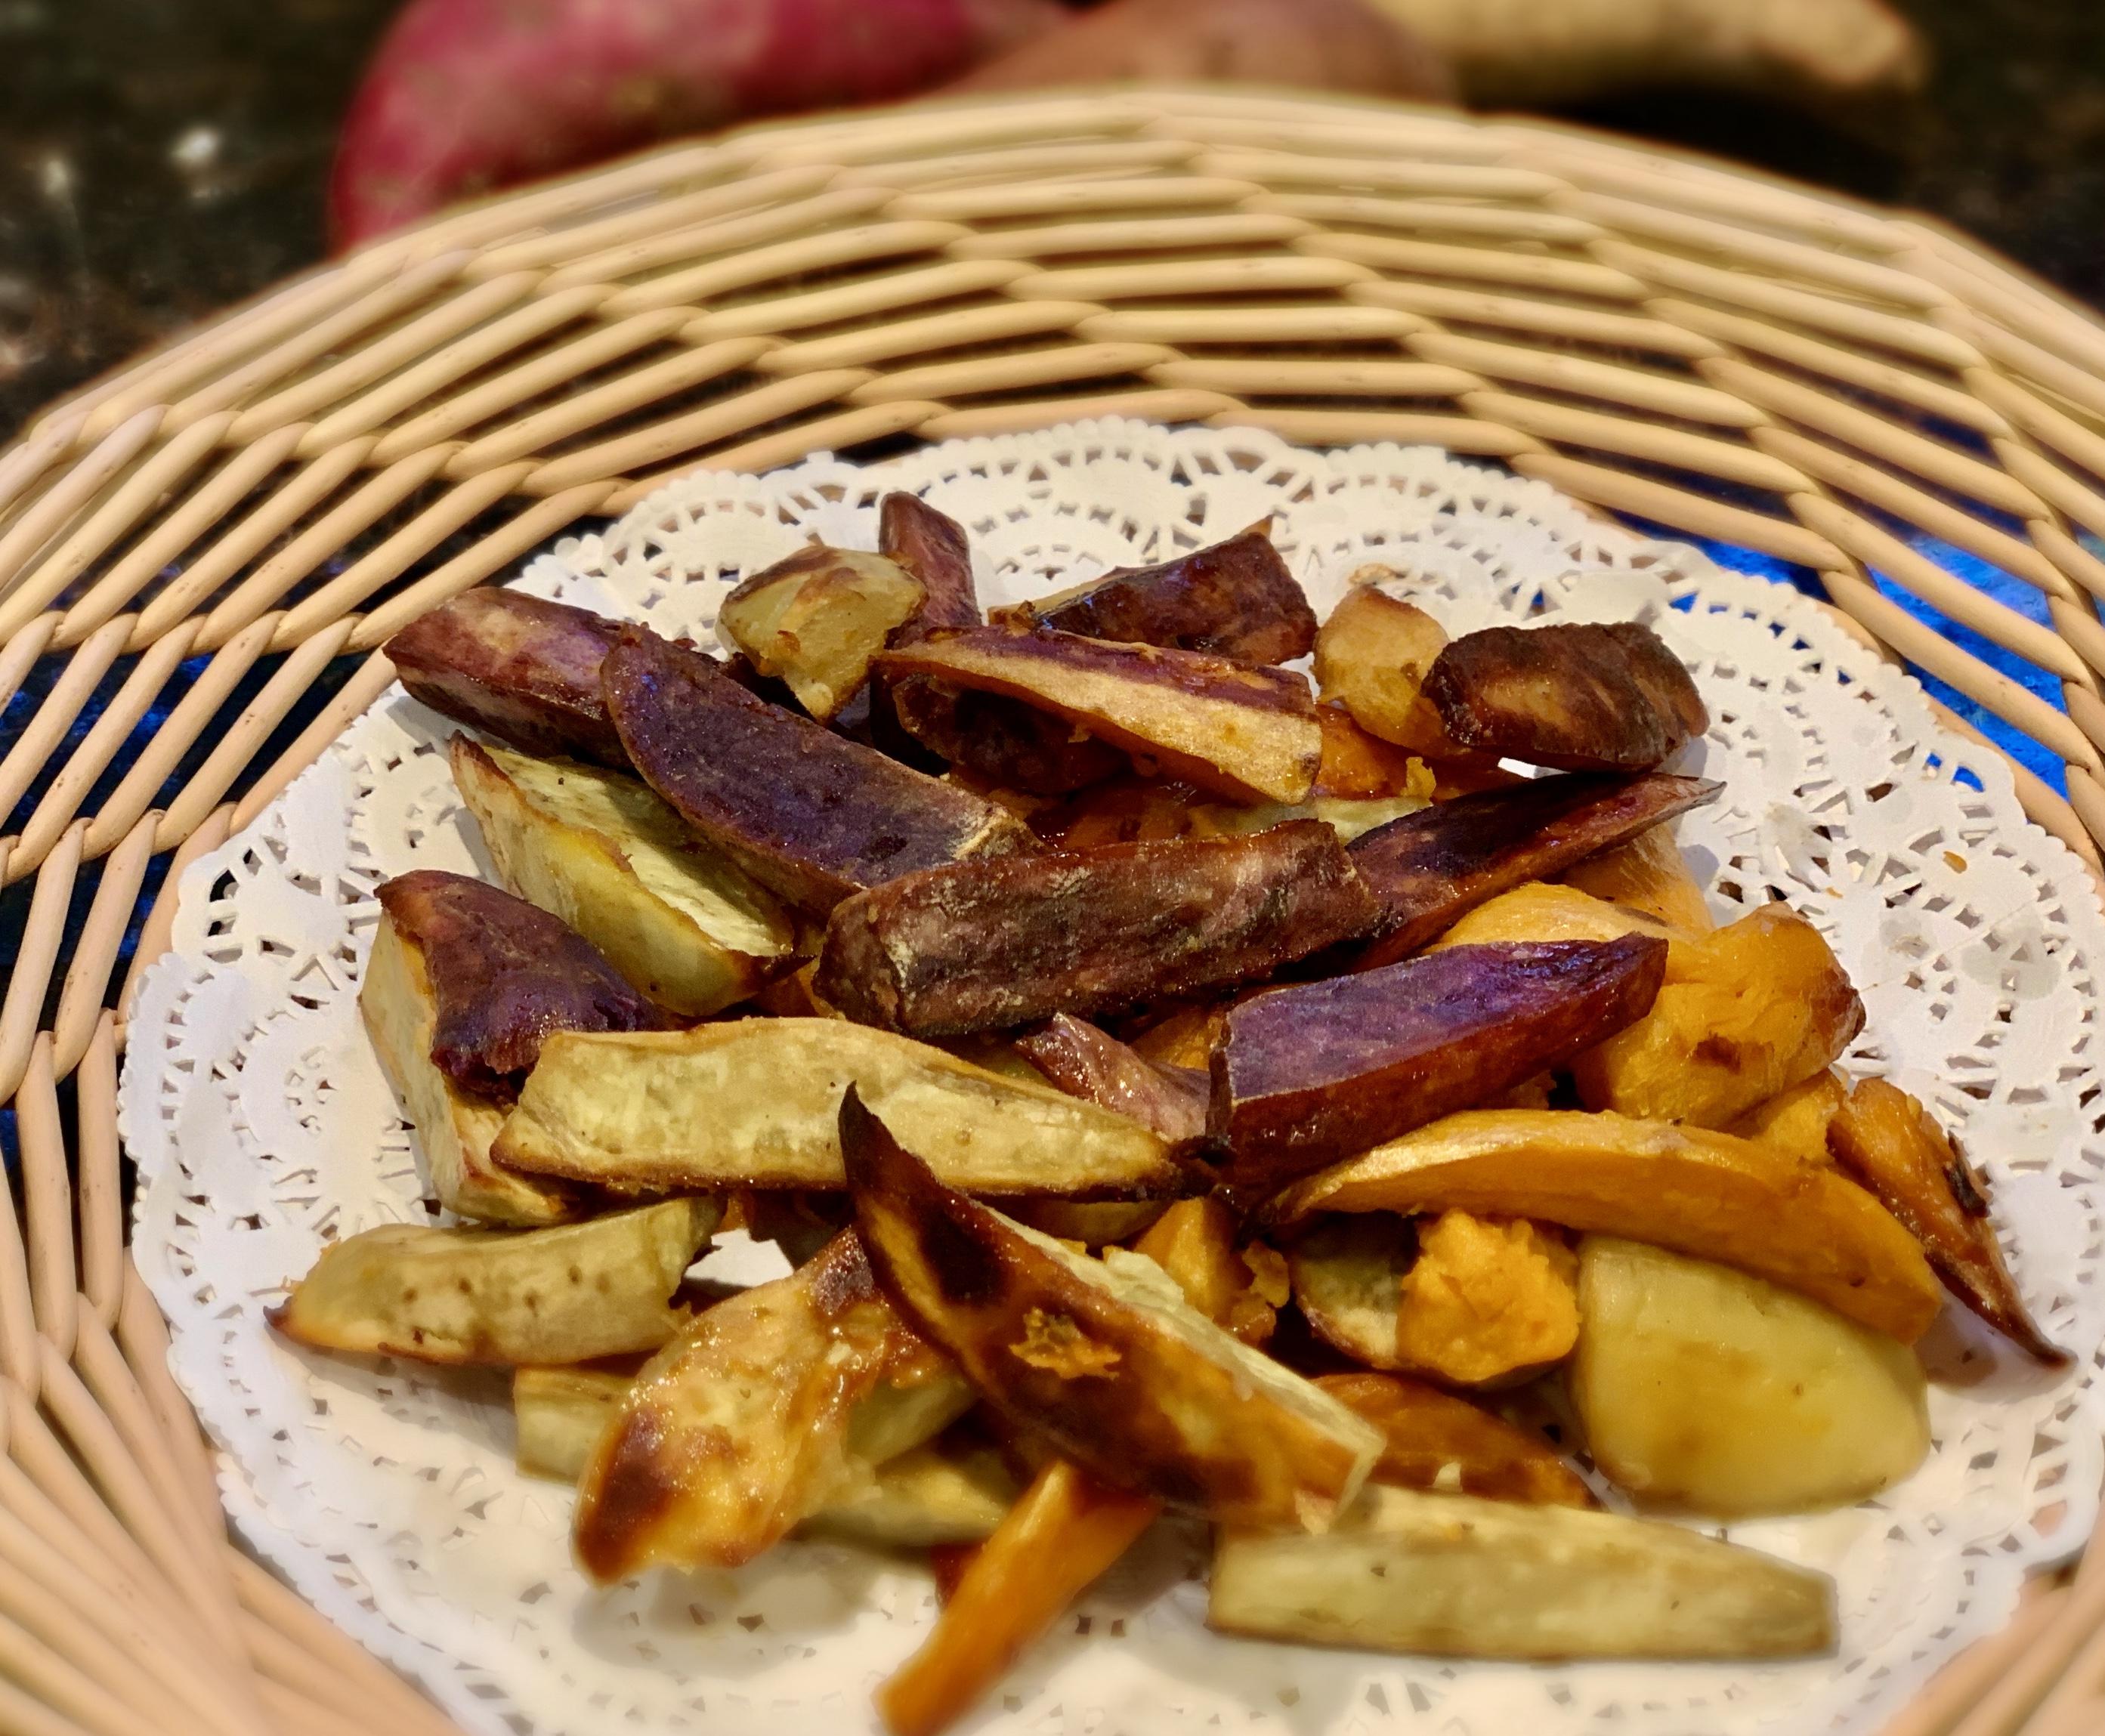 Roasted Sweet Potato with Orange, Honey and Chili 橙汁蜂蜜烤薯条chéng zhī fēng mì kǎo shǔ tiáo